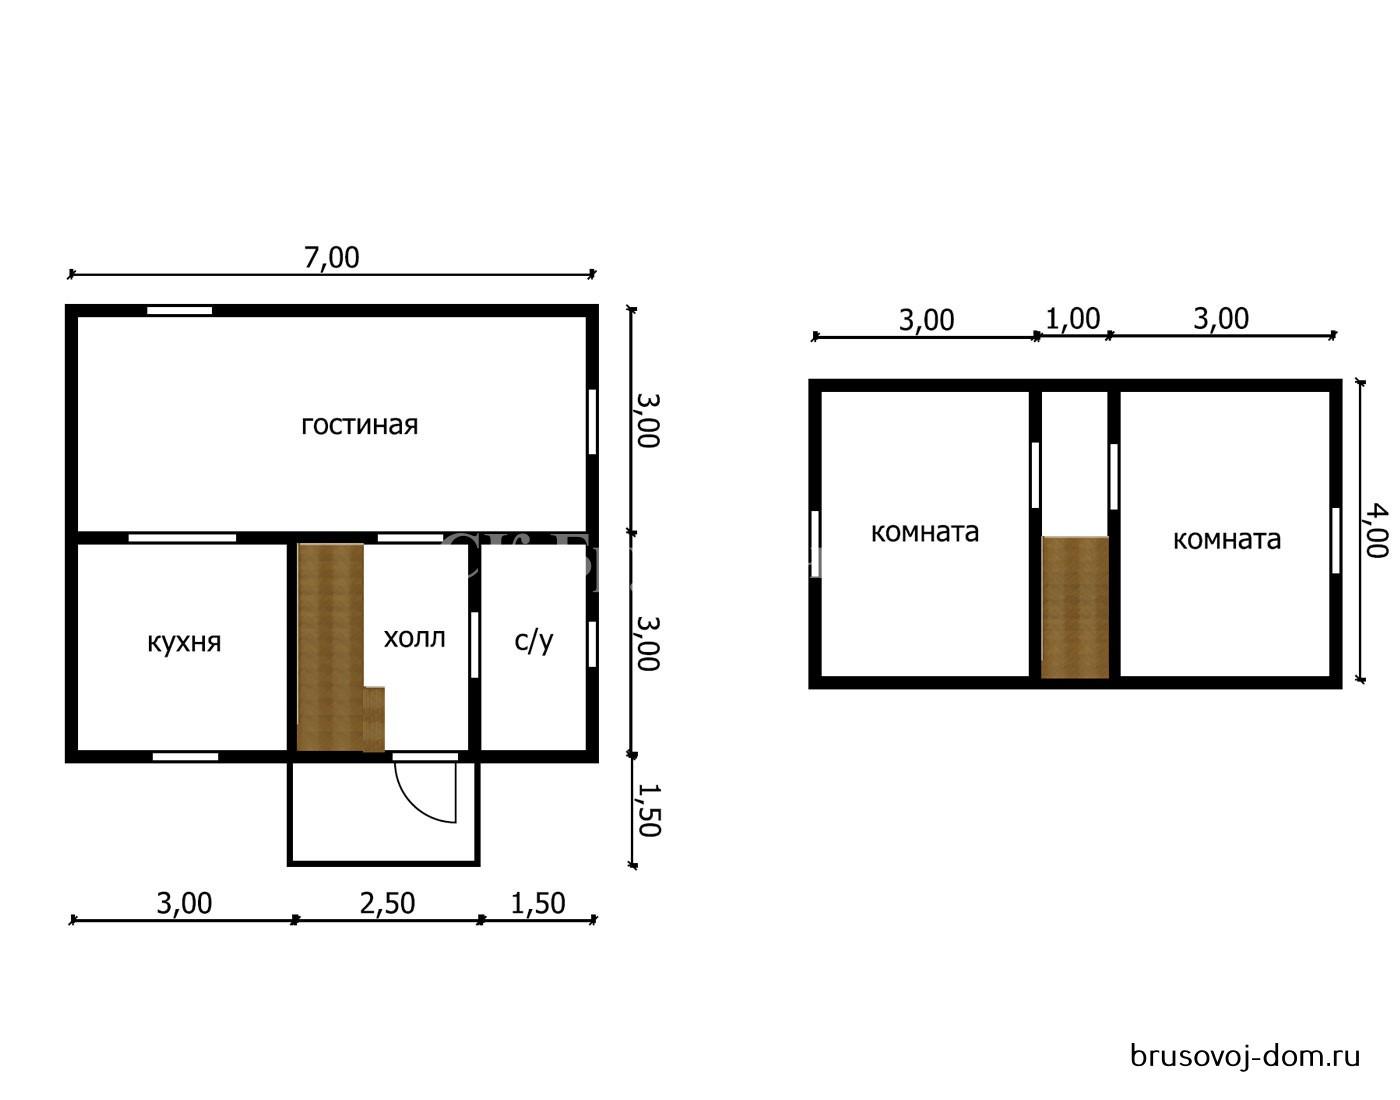 Дом из бруса под усадку 6х7  м  Мга